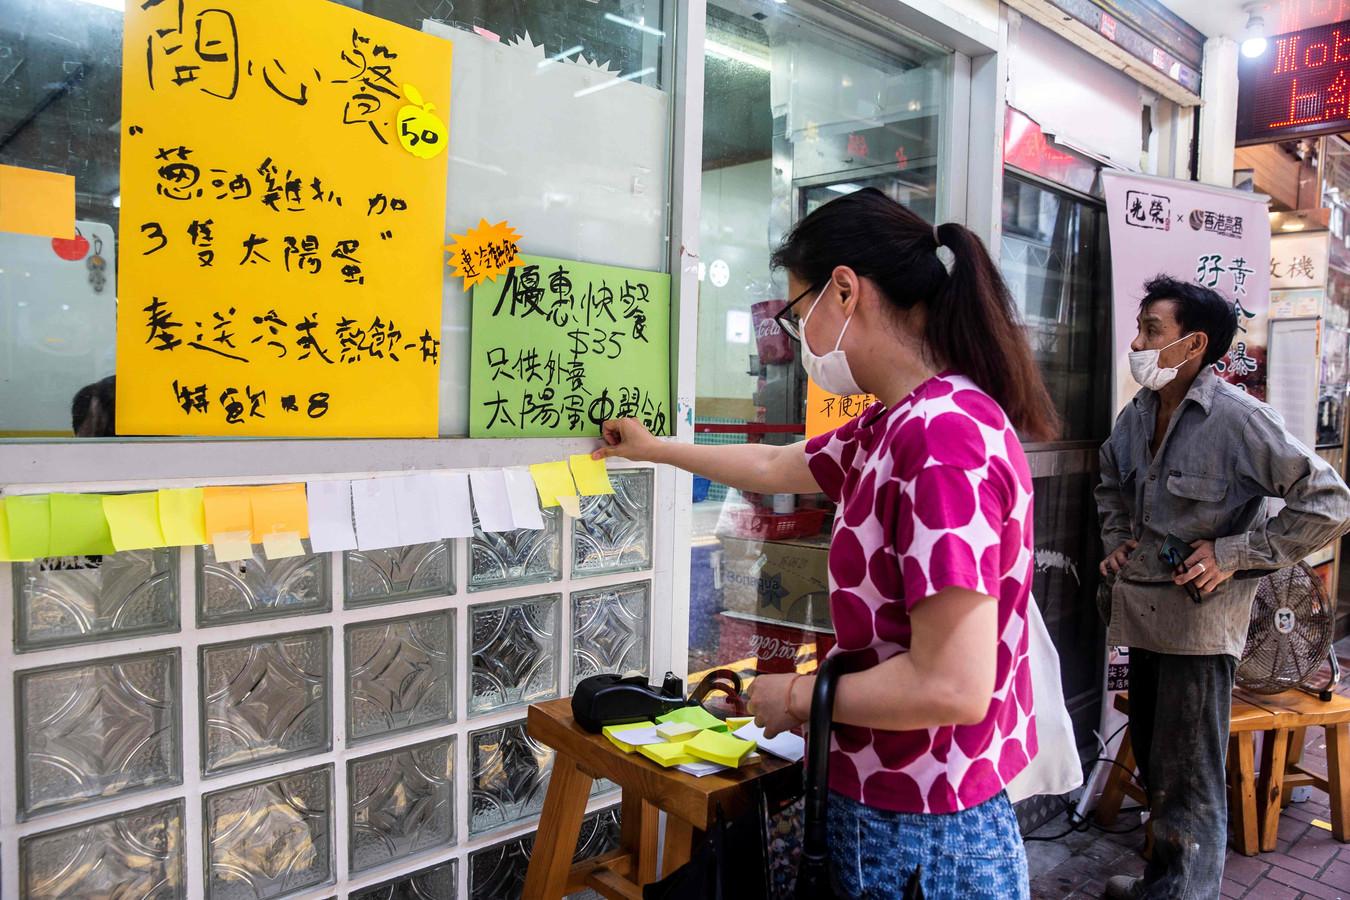 Een vrouw plakt lege briefjes op een plek die tot deze week werd gebruikt voor briefjes met teksten waarin werd gepleit voor meer vrijheid en democratie in Hongkong. De lege briefjes zijn een nieuwe vorm van protest nu de overheid activisten de mond wil snoeren met een nieuwe, strenge veiligheidswet. Alle teksten die verwijzen naar autonomie zijn verboden. Foto ISAAC LAWRENCE / AFP